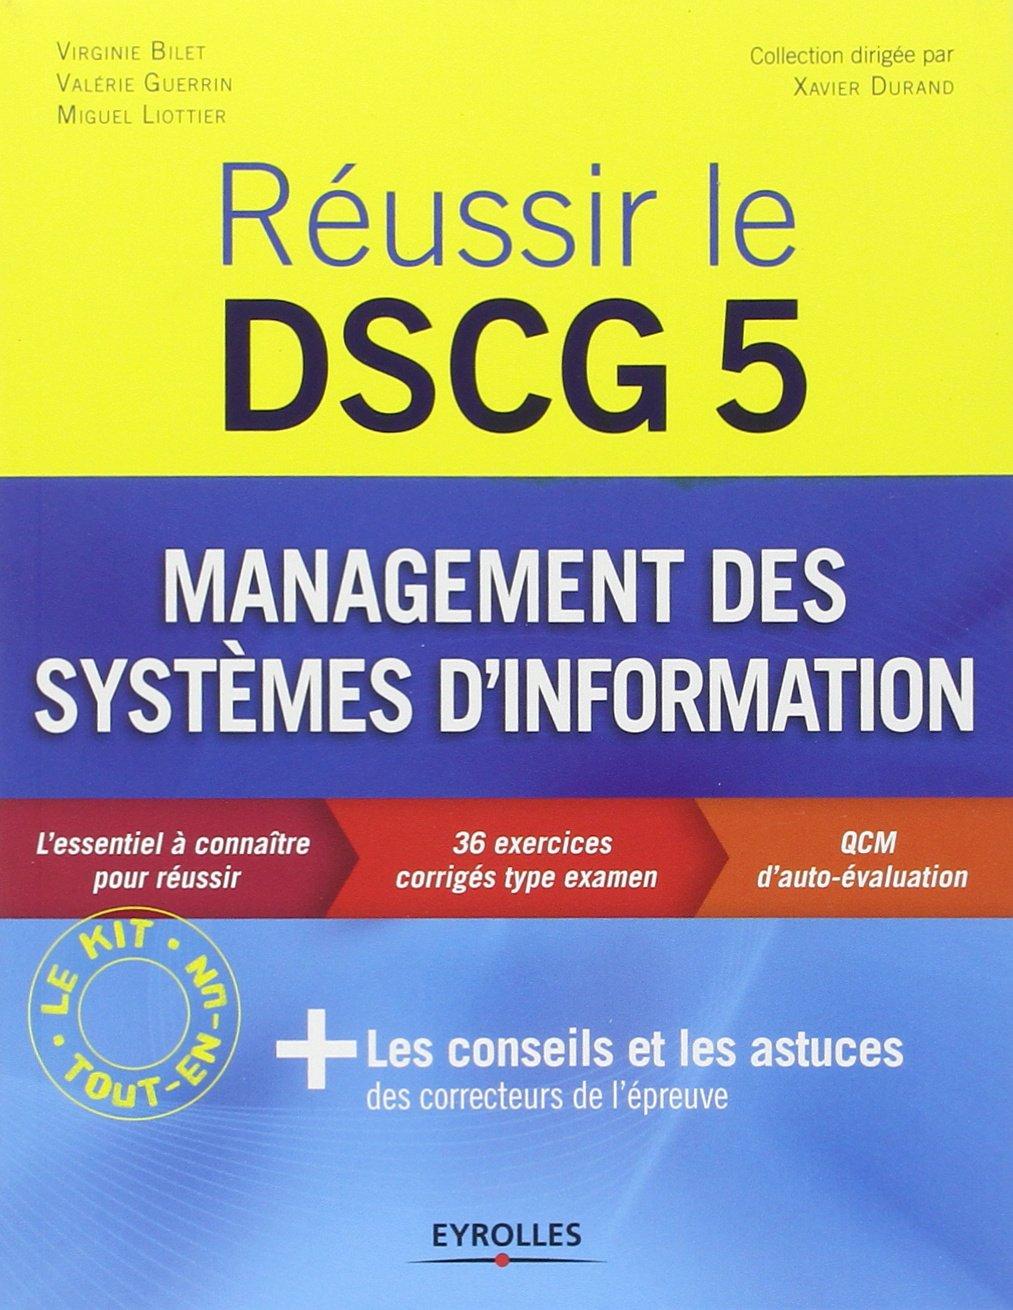 Le dscg : Un diplôme à destination des Bac +5 qui souhaitent devenir comptable ou expert comptable